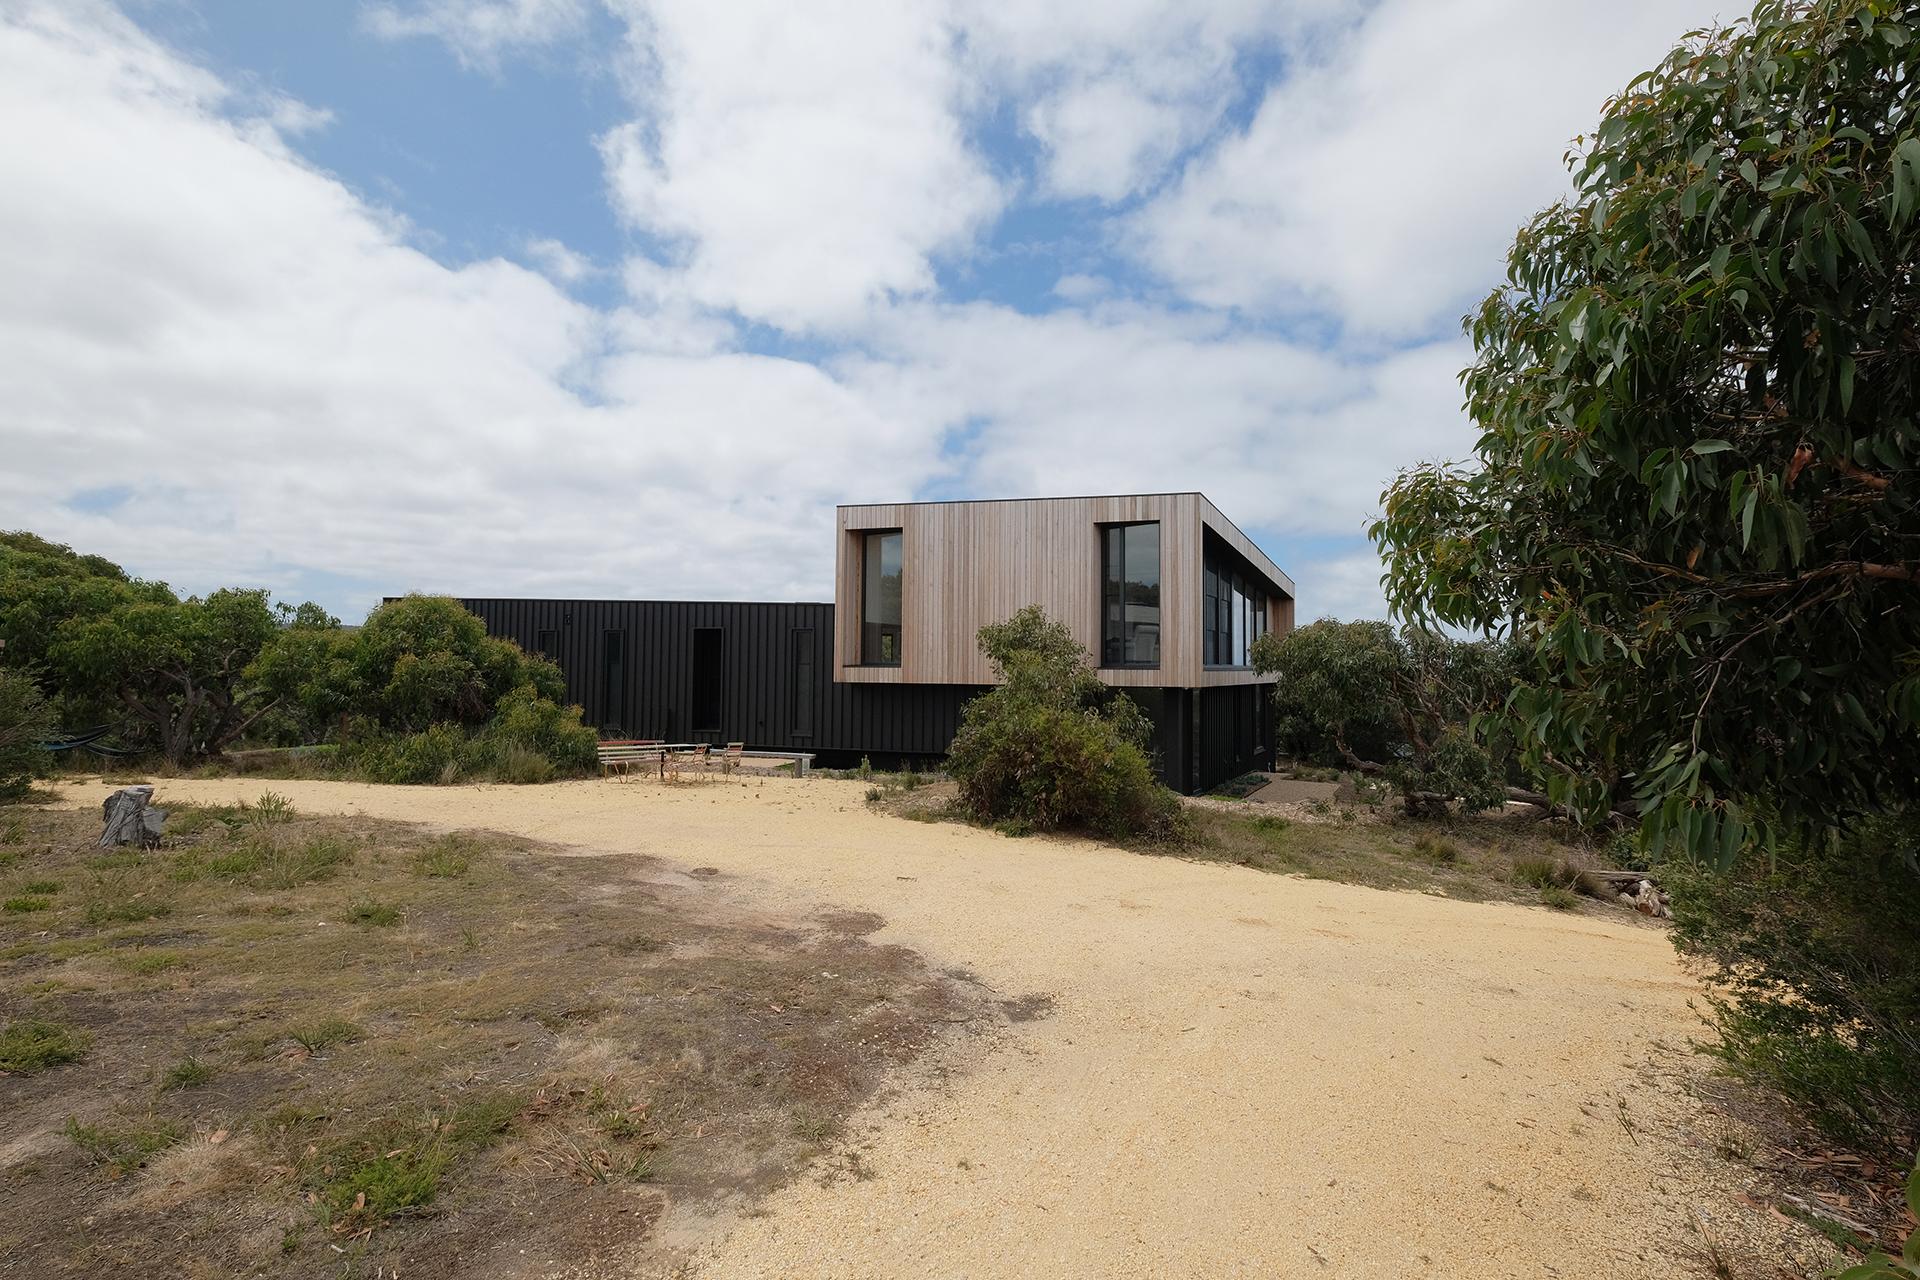 Yandandah Road House